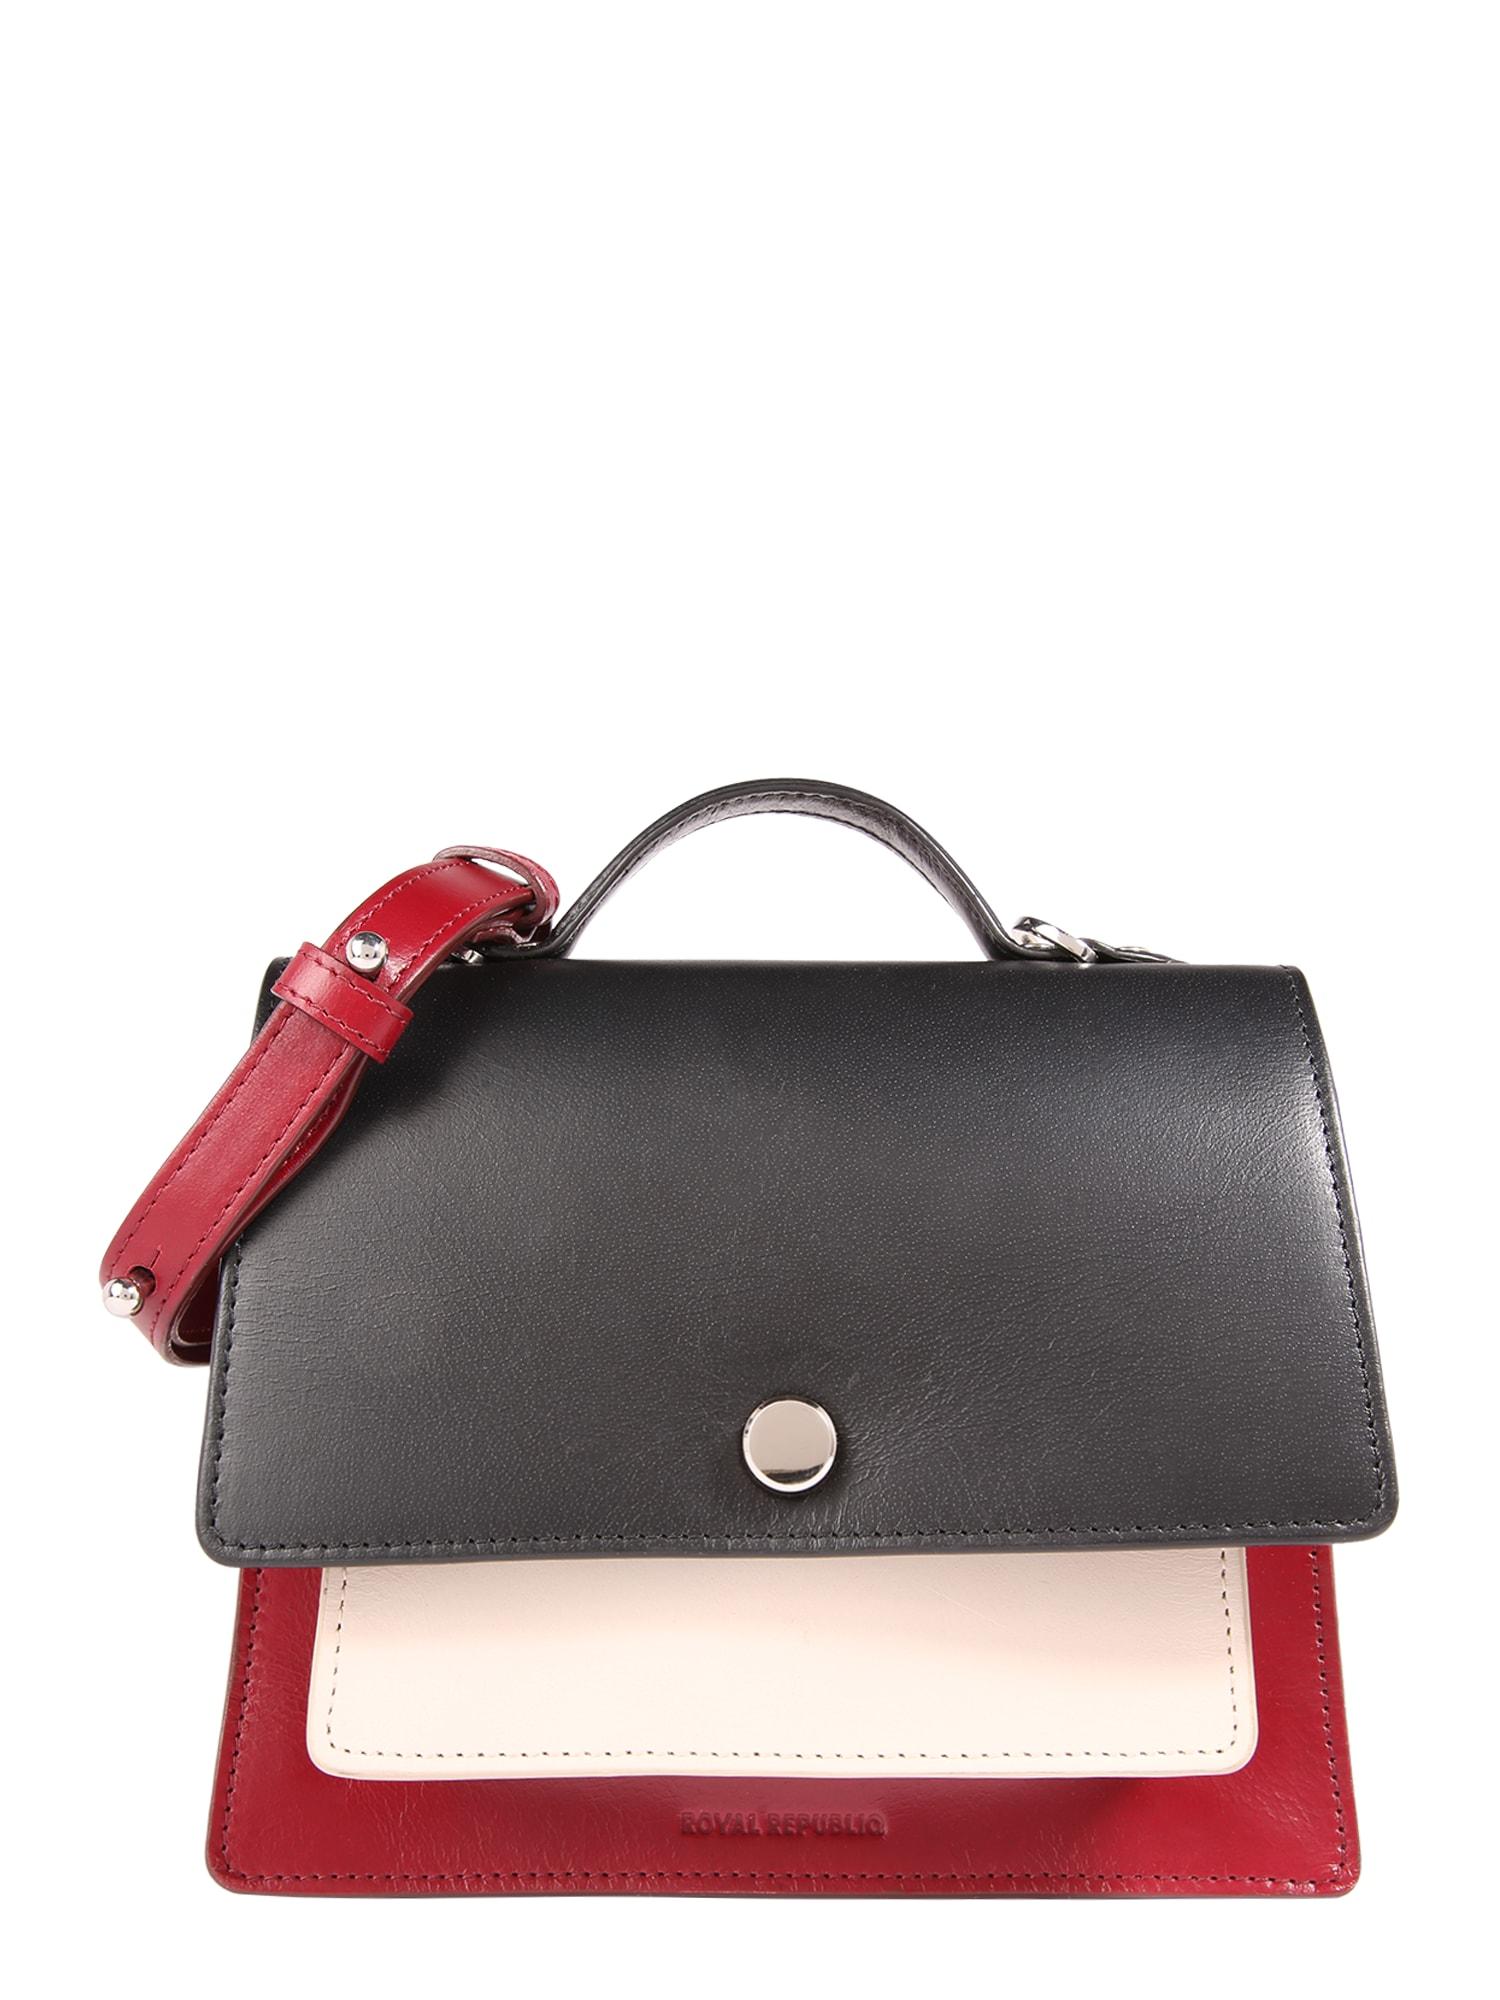 Taška přes rameno New Conductor Colourblock Evening Bag  krémová vínově červená ROYAL REPUBLIQ